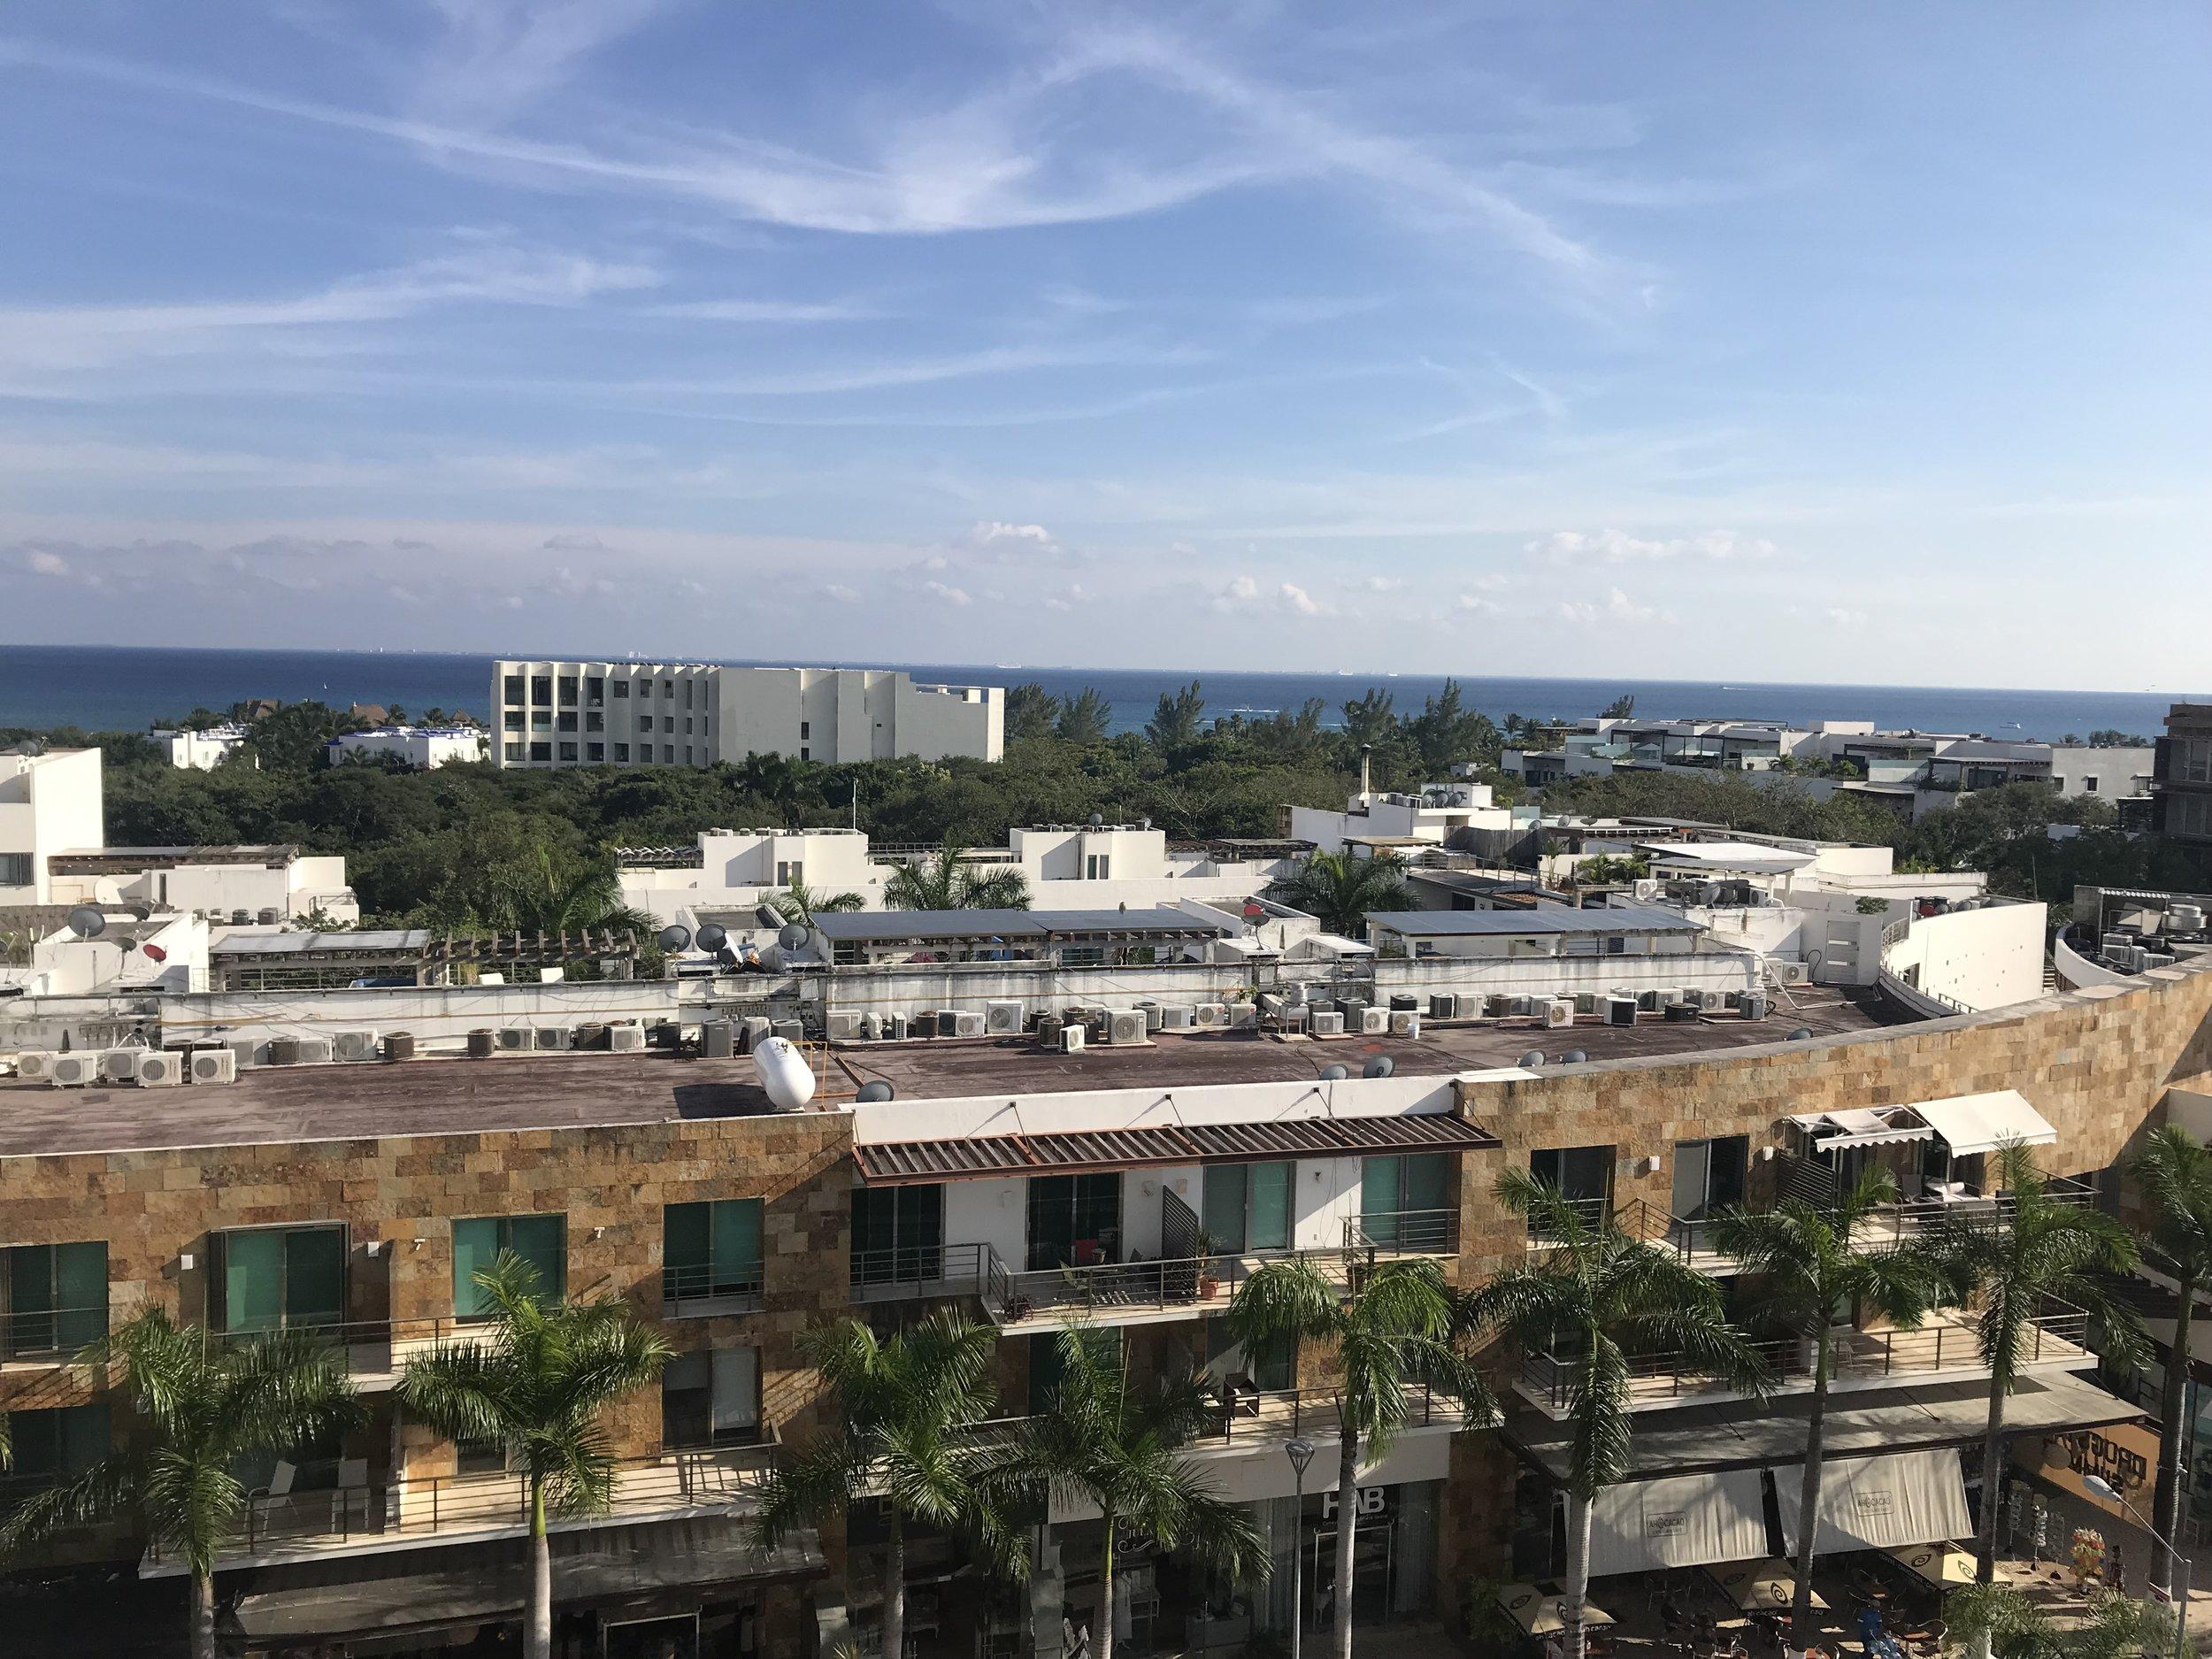 Vue du toit de l'immeuble